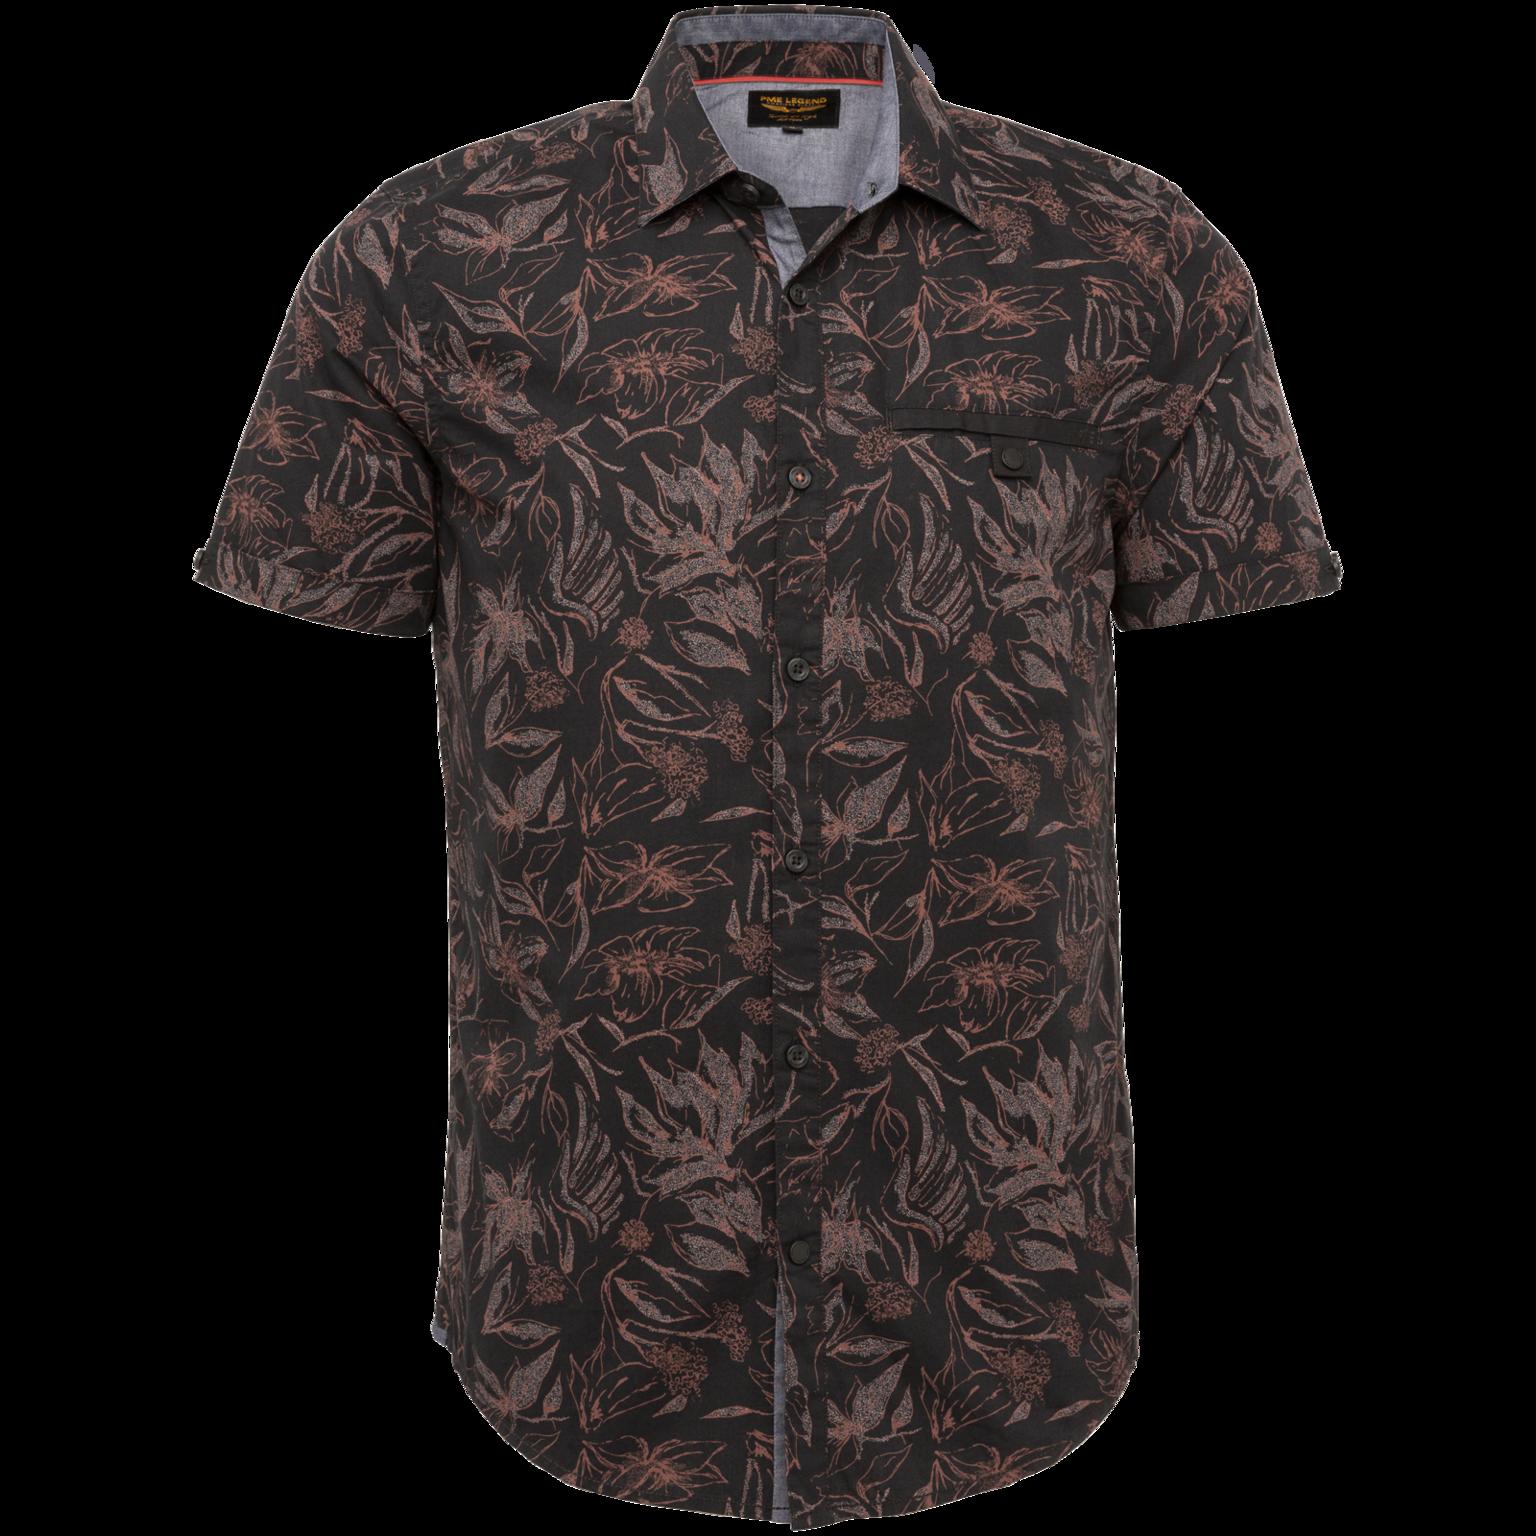 PME chemise manches courtes motif-1